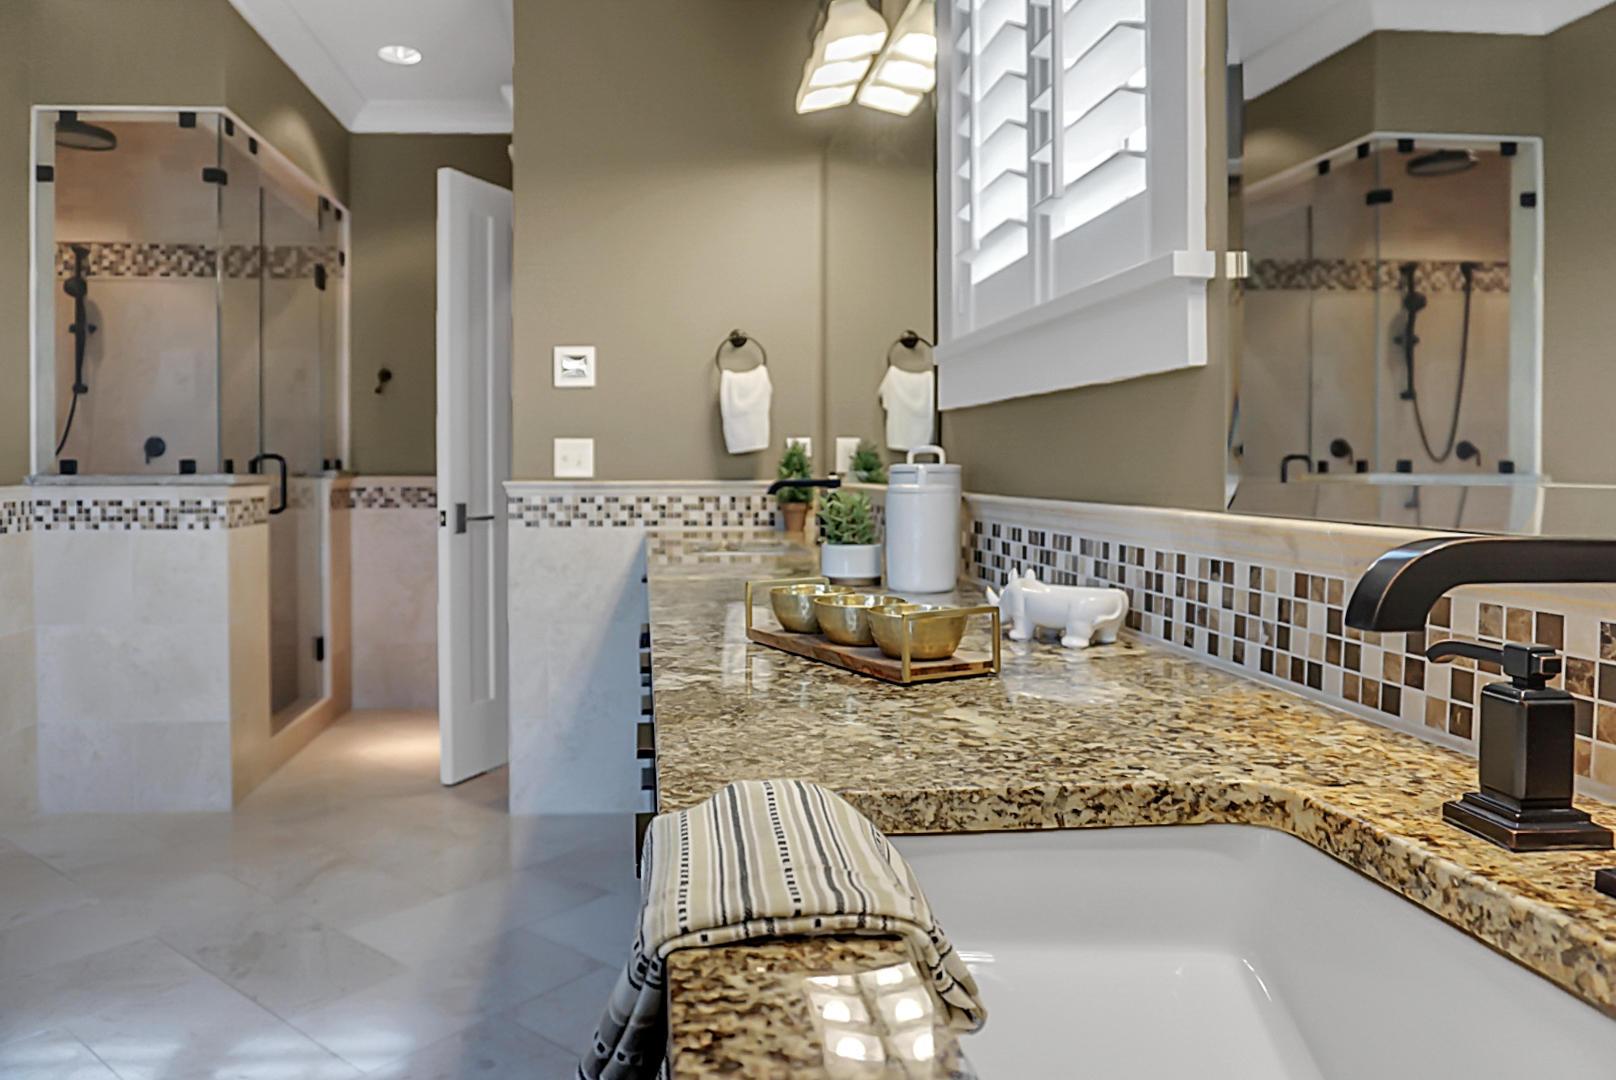 Dunes West Homes For Sale - 2978 River Vista, Mount Pleasant, SC - 40